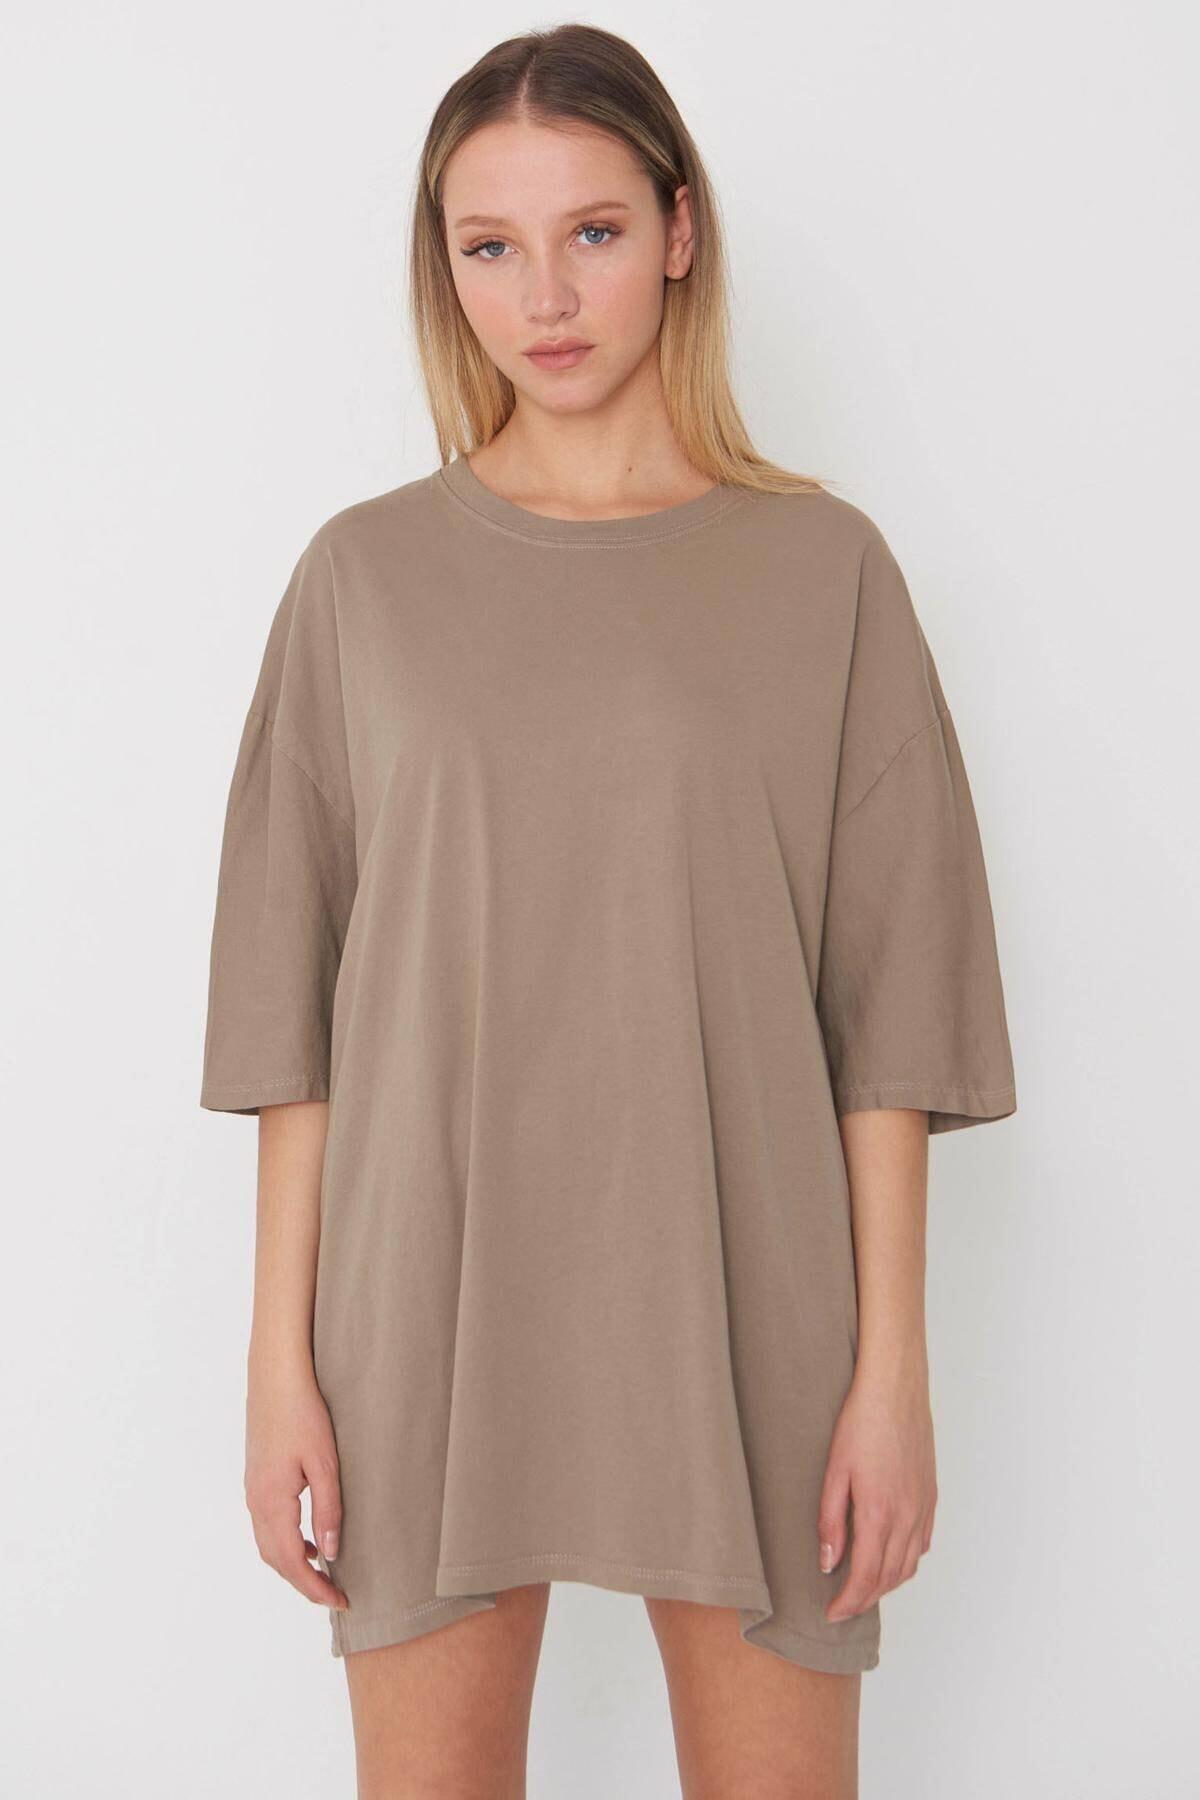 Kadın Koyu Bej Oversize T-Shirt P9536 - B13 Adx-0000023955